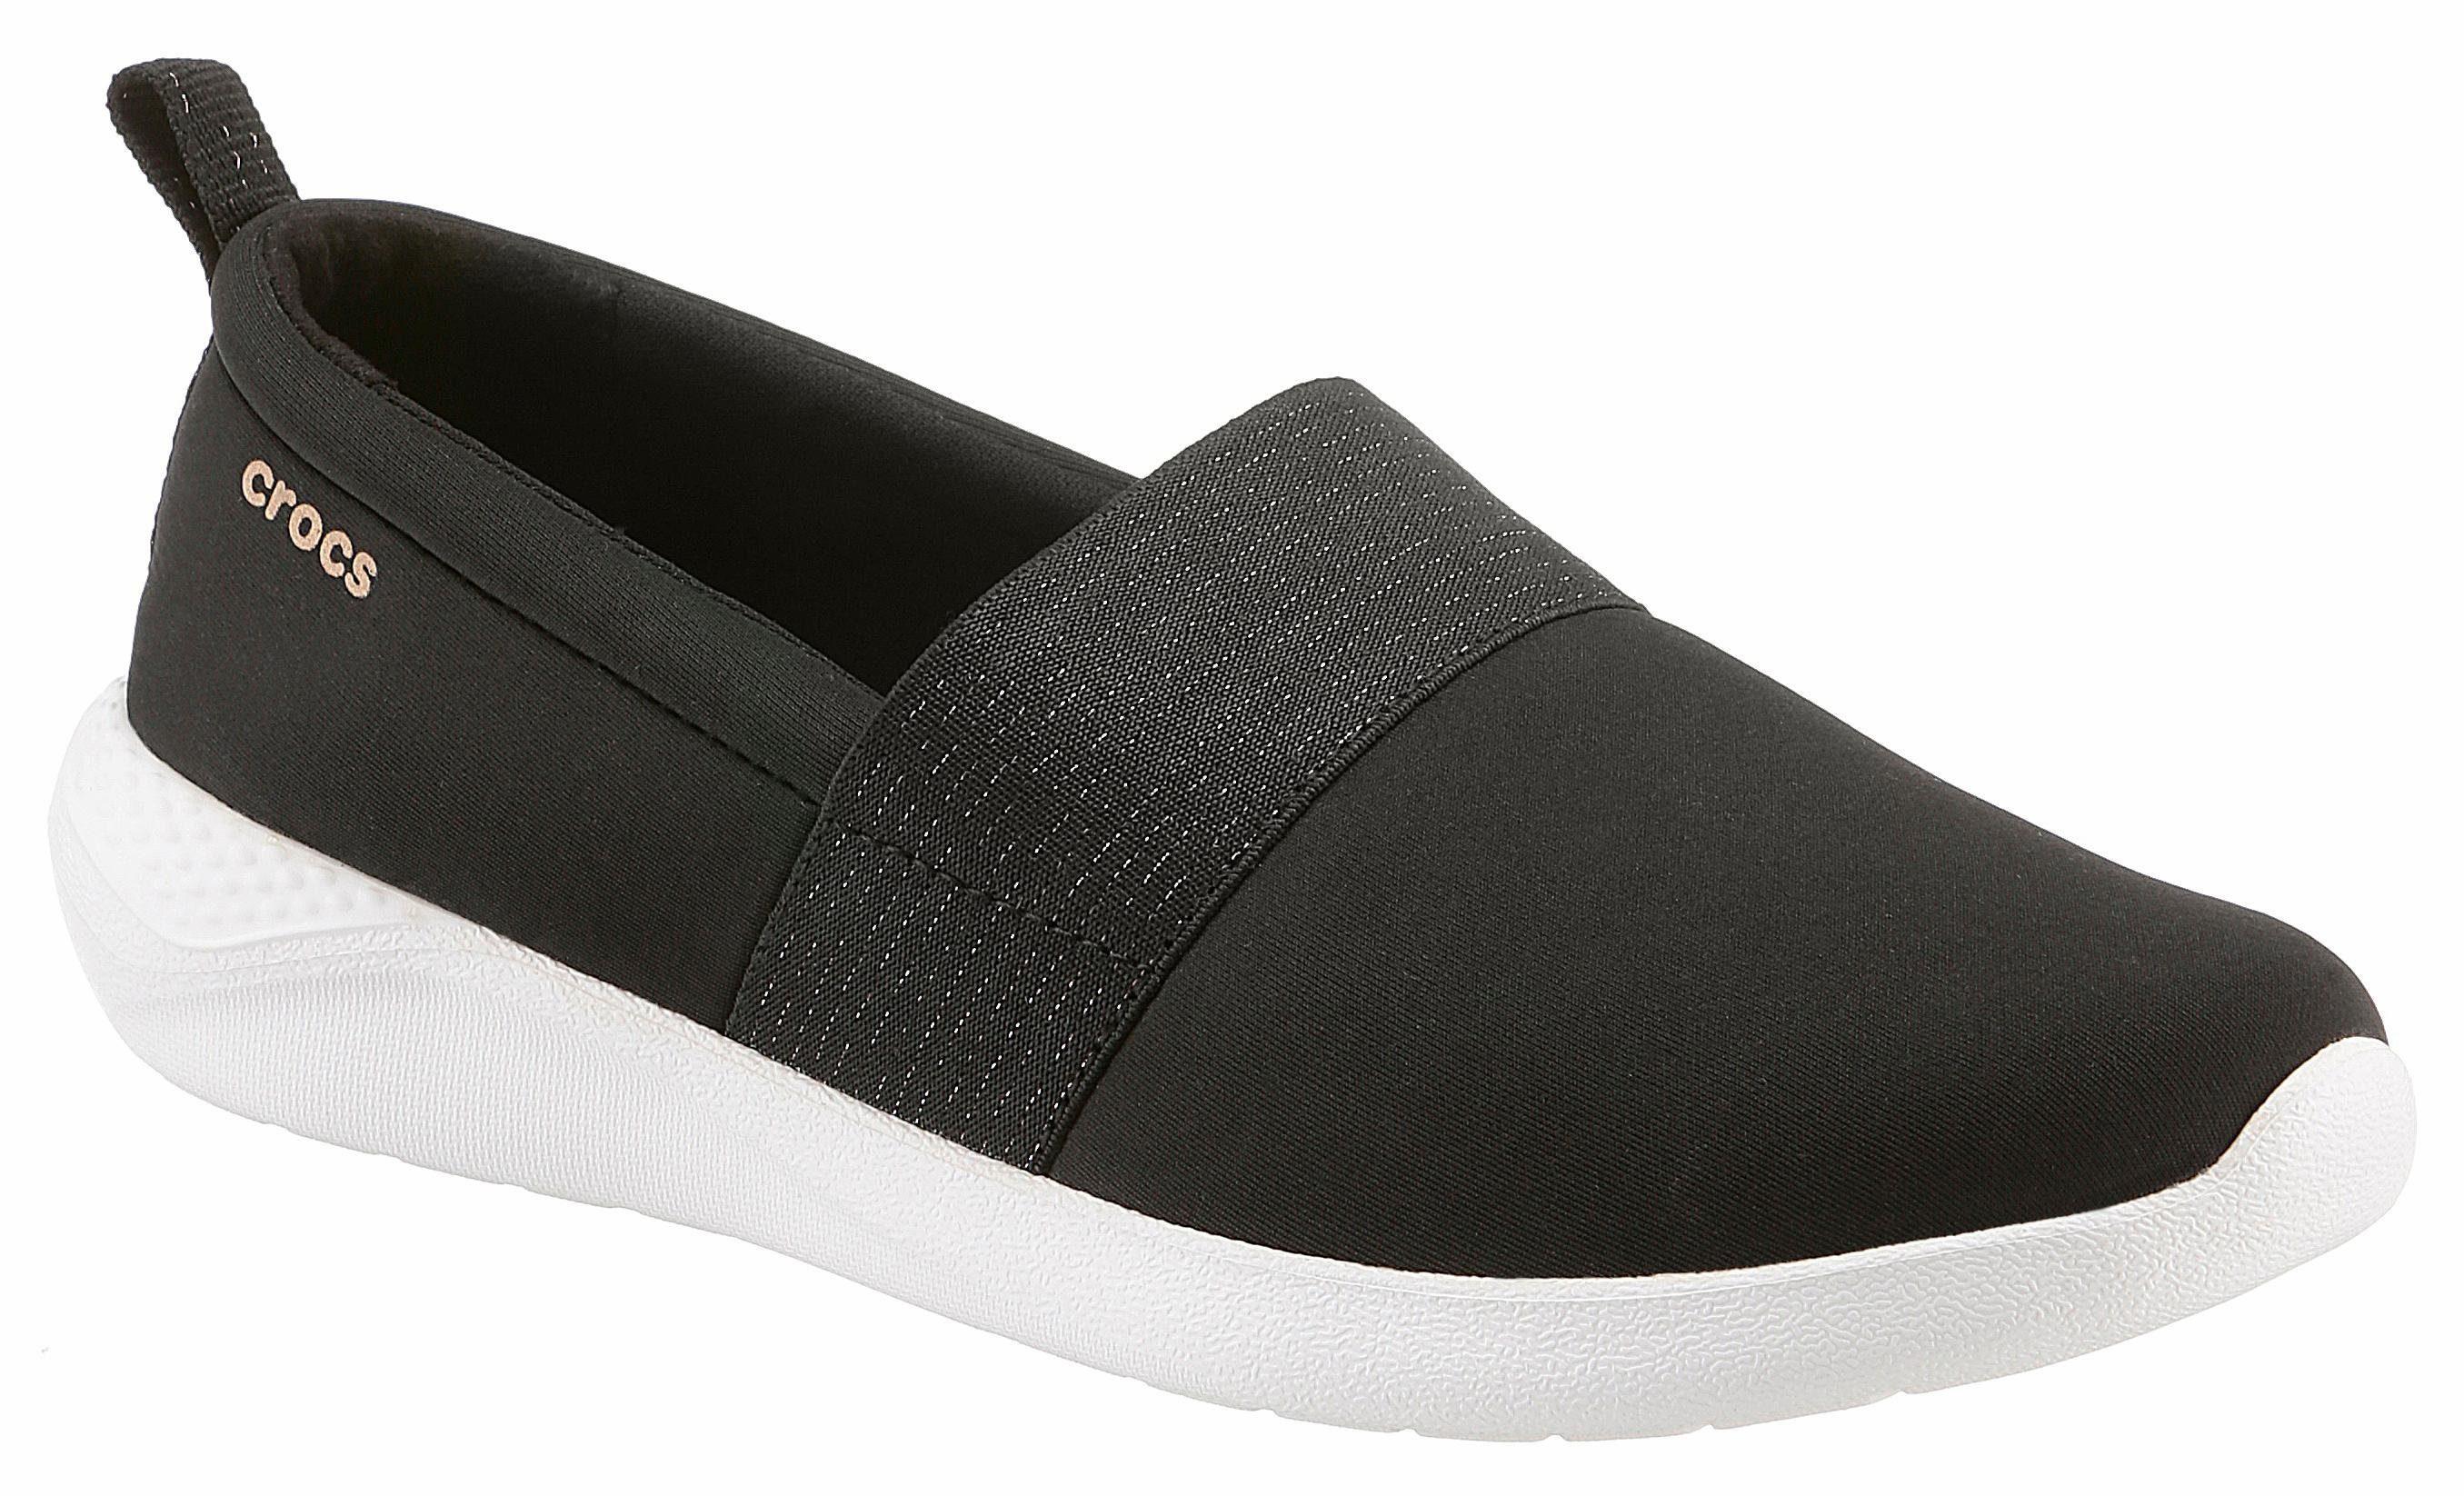 Crocs »Lite Ride Slip On« Slipper, Leichtgewicht, schwarz, EURO-Größen, schwarz